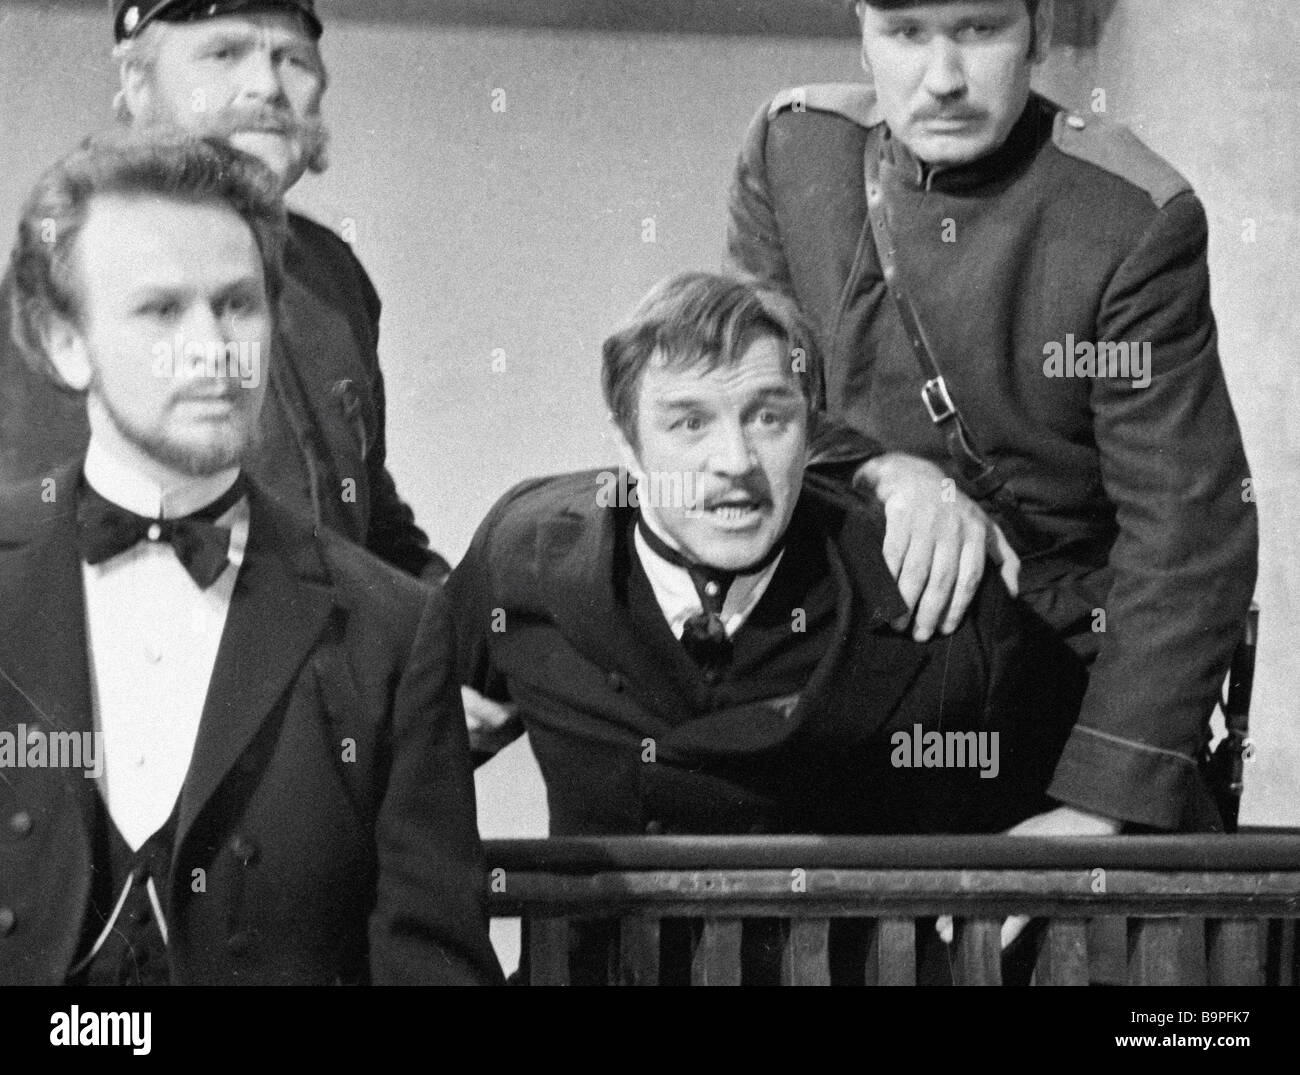 Actor Mikhail Ulyanov as Dmitry Karamazov in film The Brothers Karamazov - Stock Image